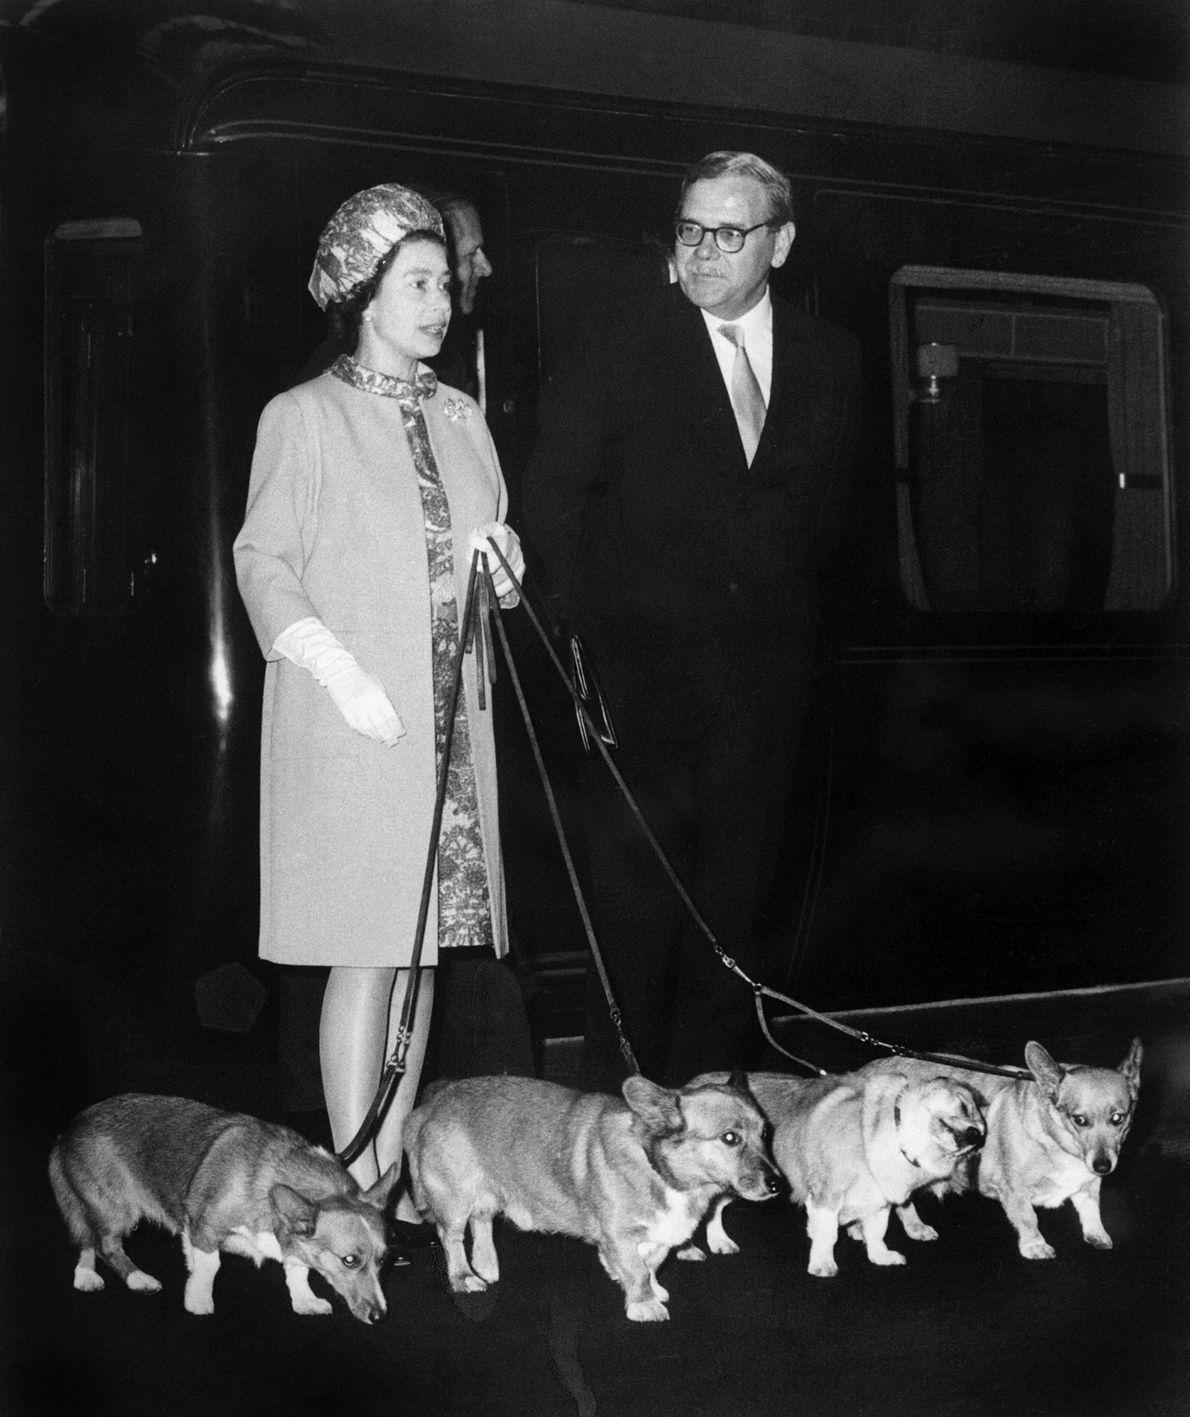 Fotografia da Rainha Isabel II a chegar à estação de comboios King's Cross, em Londres.